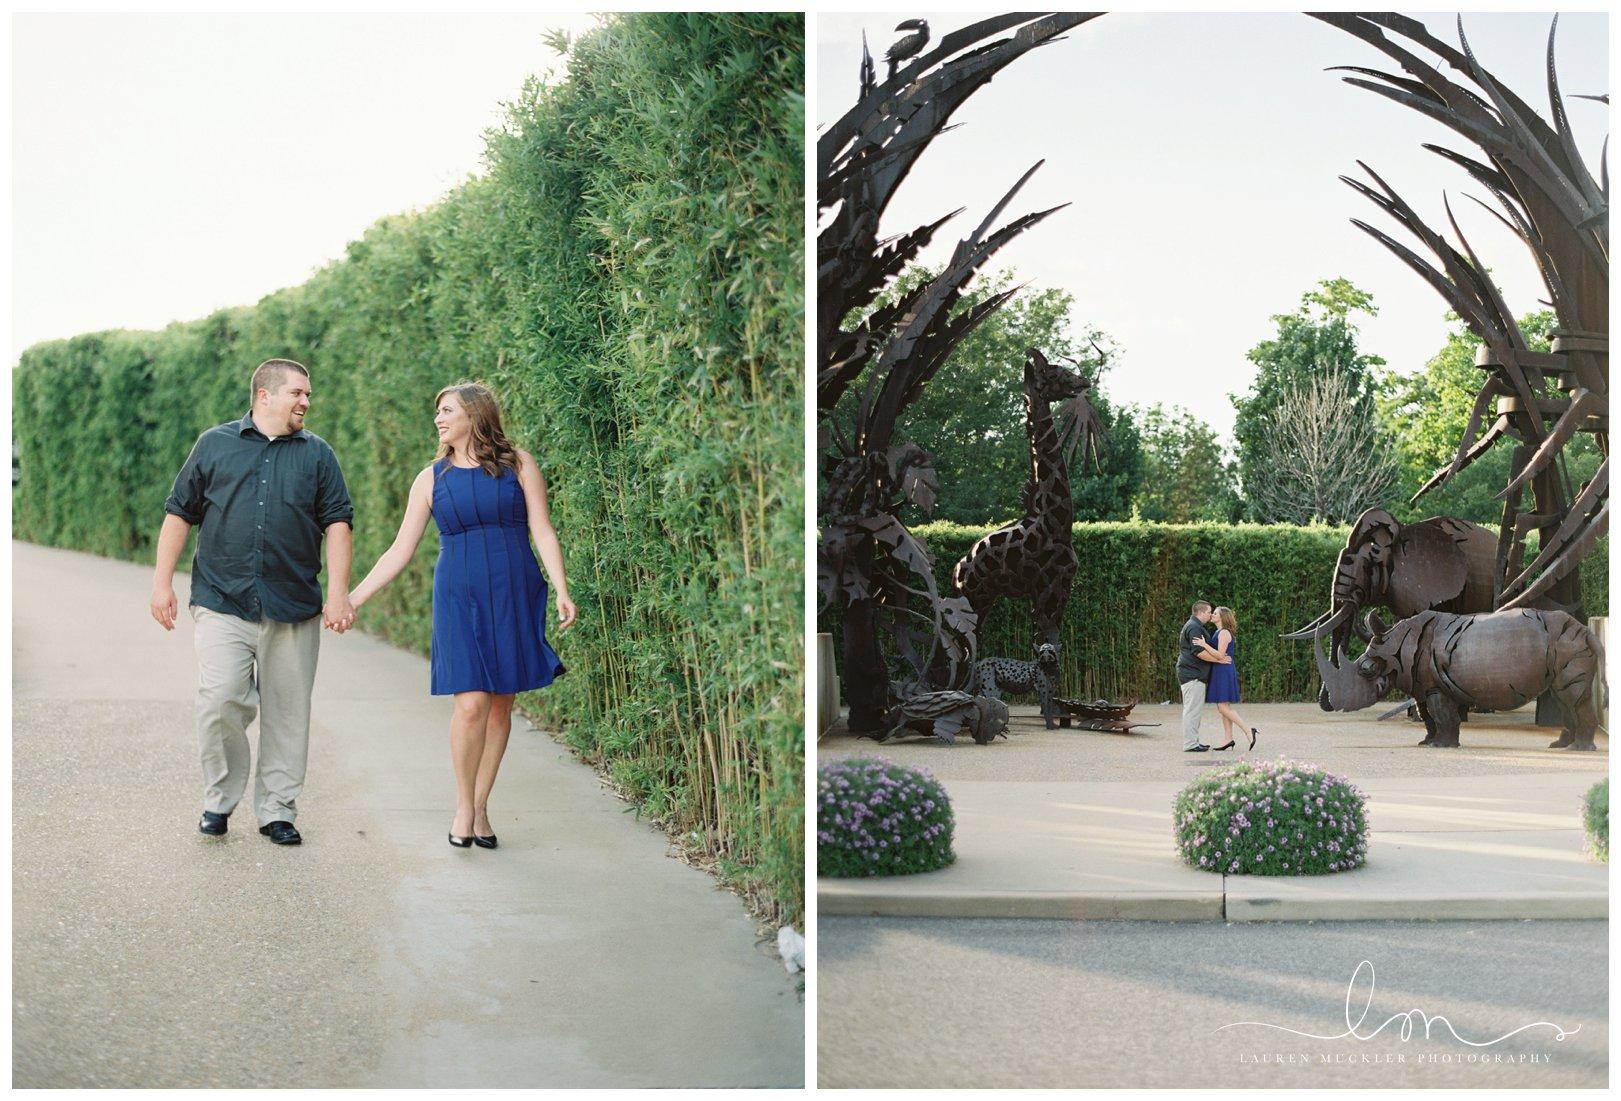 lauren muckler photography_fine art film wedding photography_st louis_photography_0611.jpg